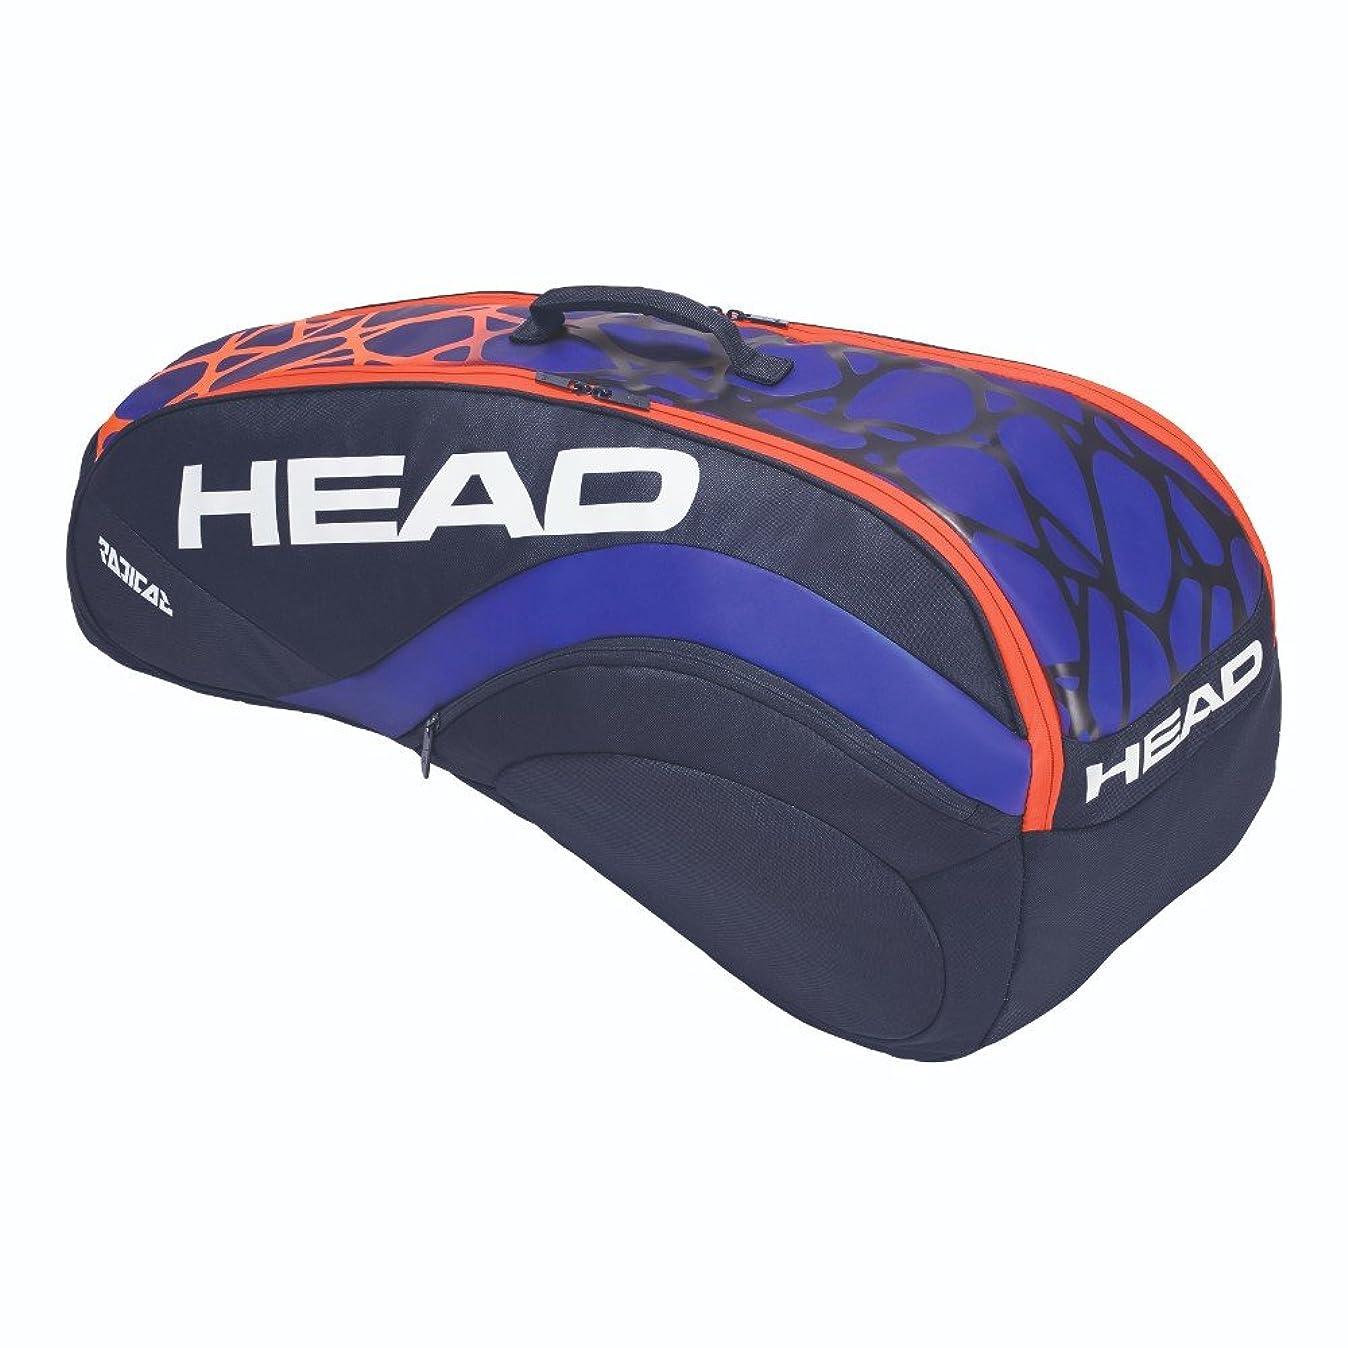 海上考慮トラクターHEAD(ヘッド) テニス ラケットバッグ RADICAL 9R SUPERCOMBI BLOR 9本収納可 283358